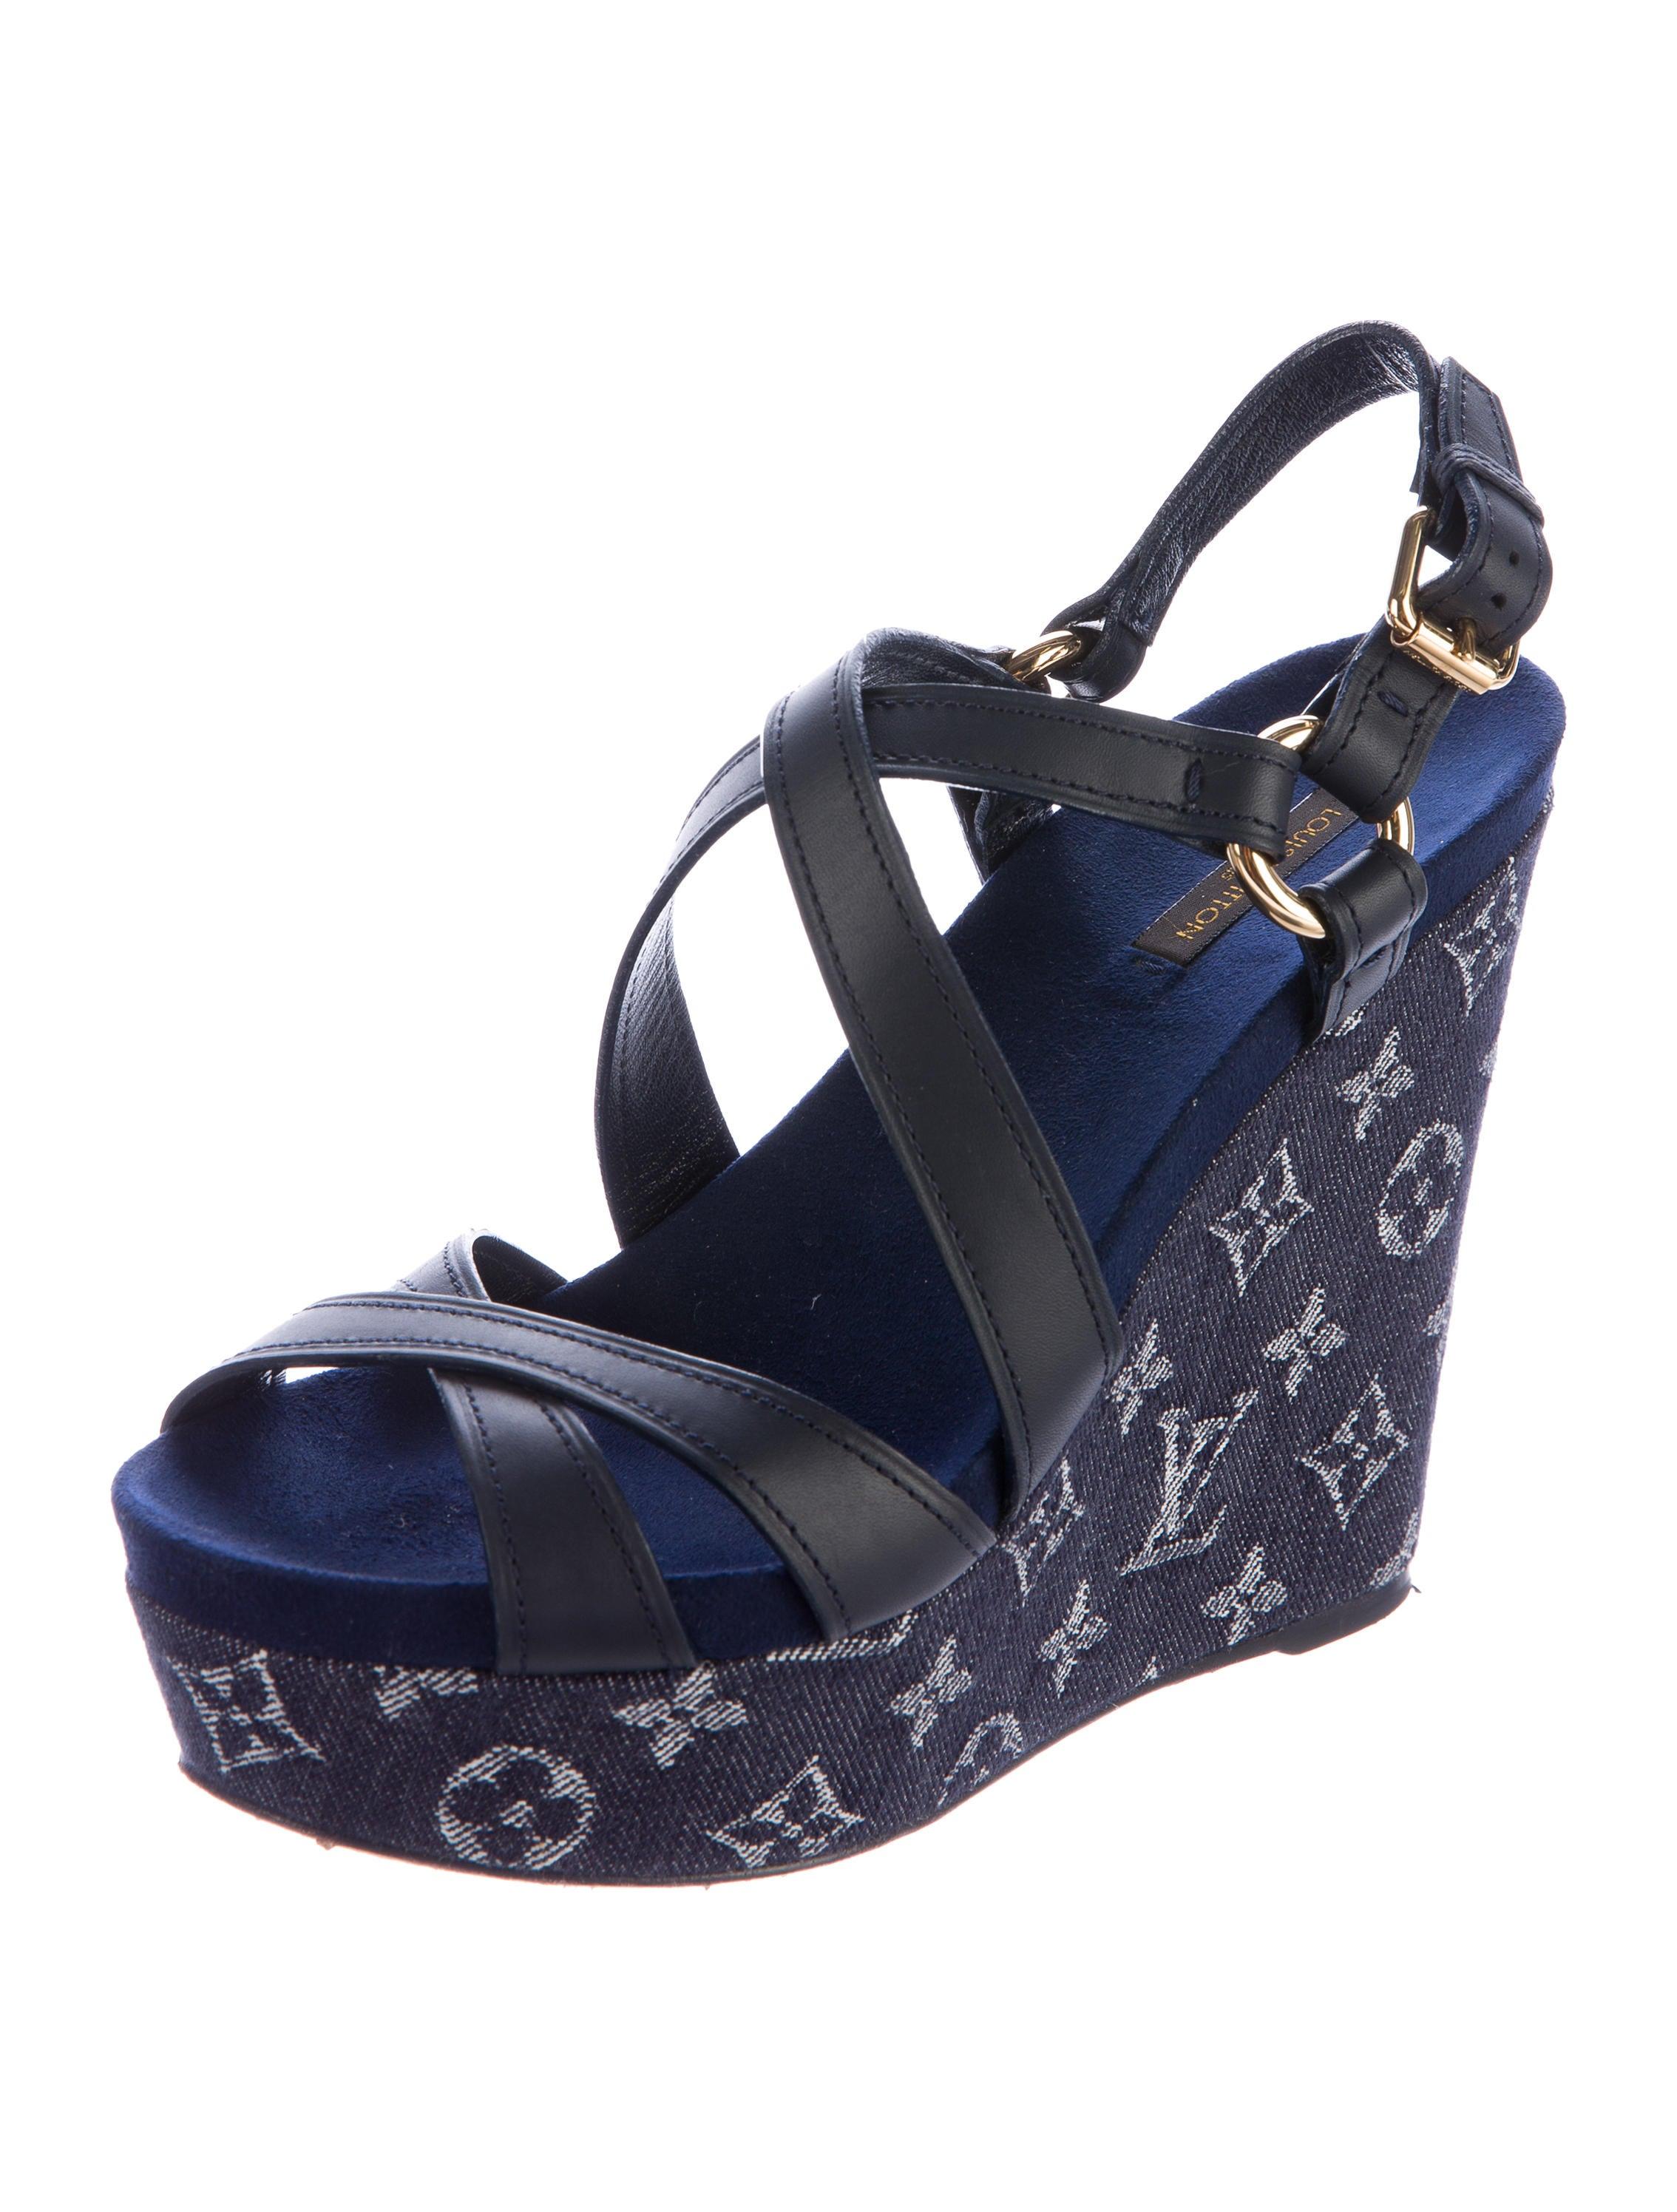 louis vuitton monogram idylle wedge sandals shoes